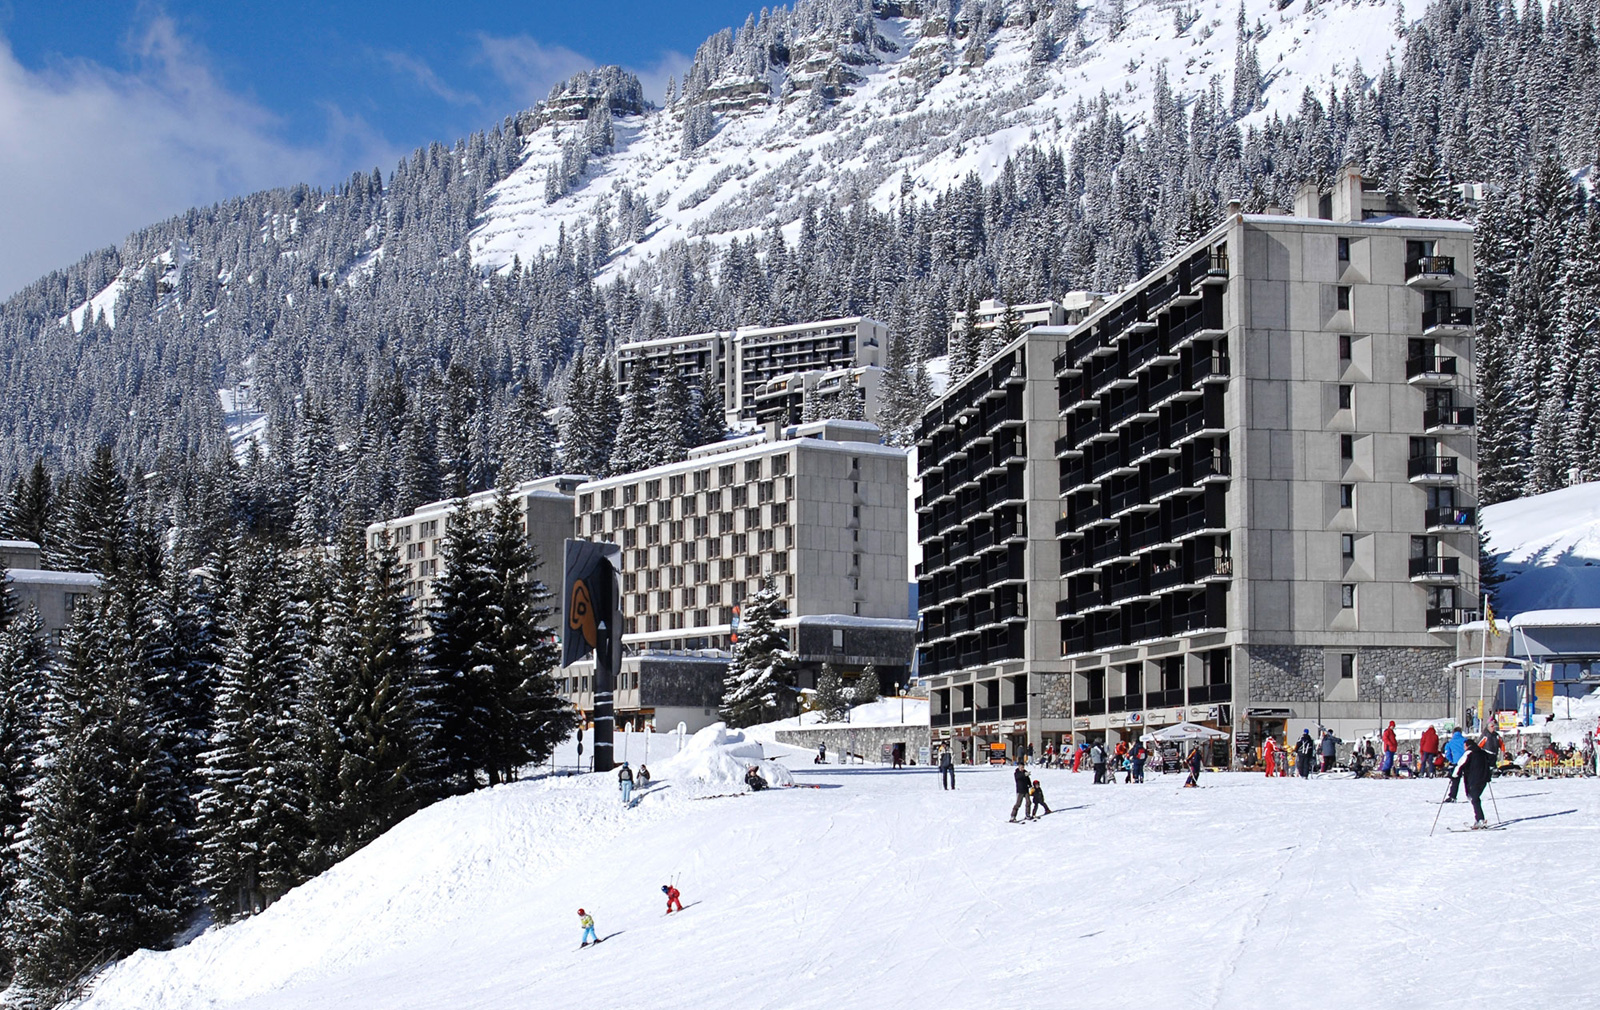 Terminal Neige exterior, ski slops